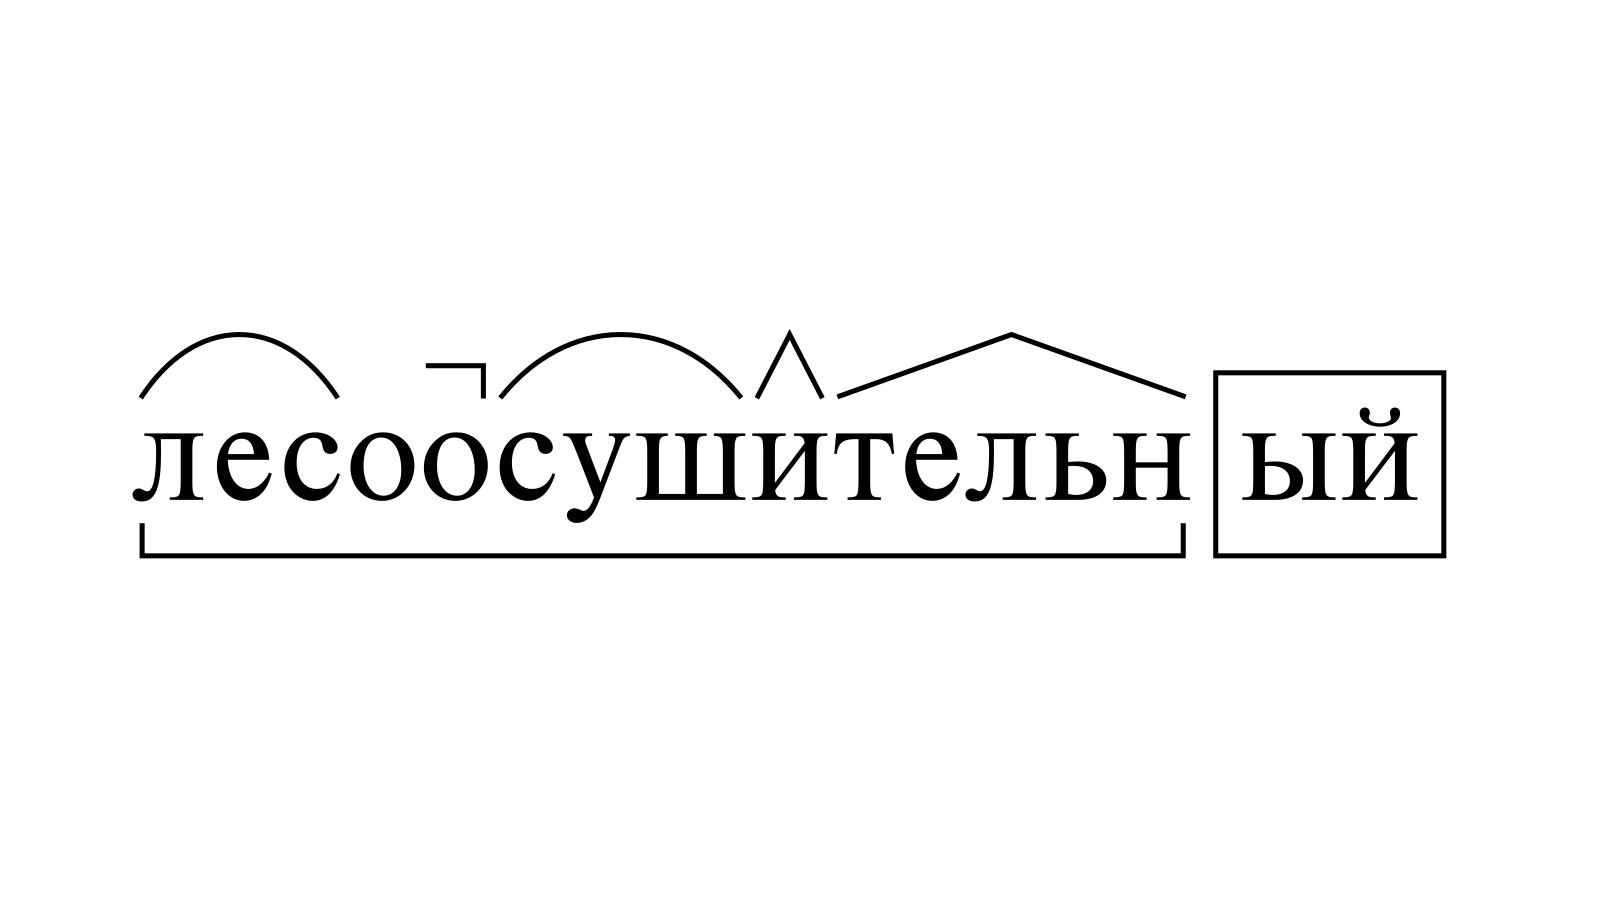 Разбор слова «лесоосушительный» по составу